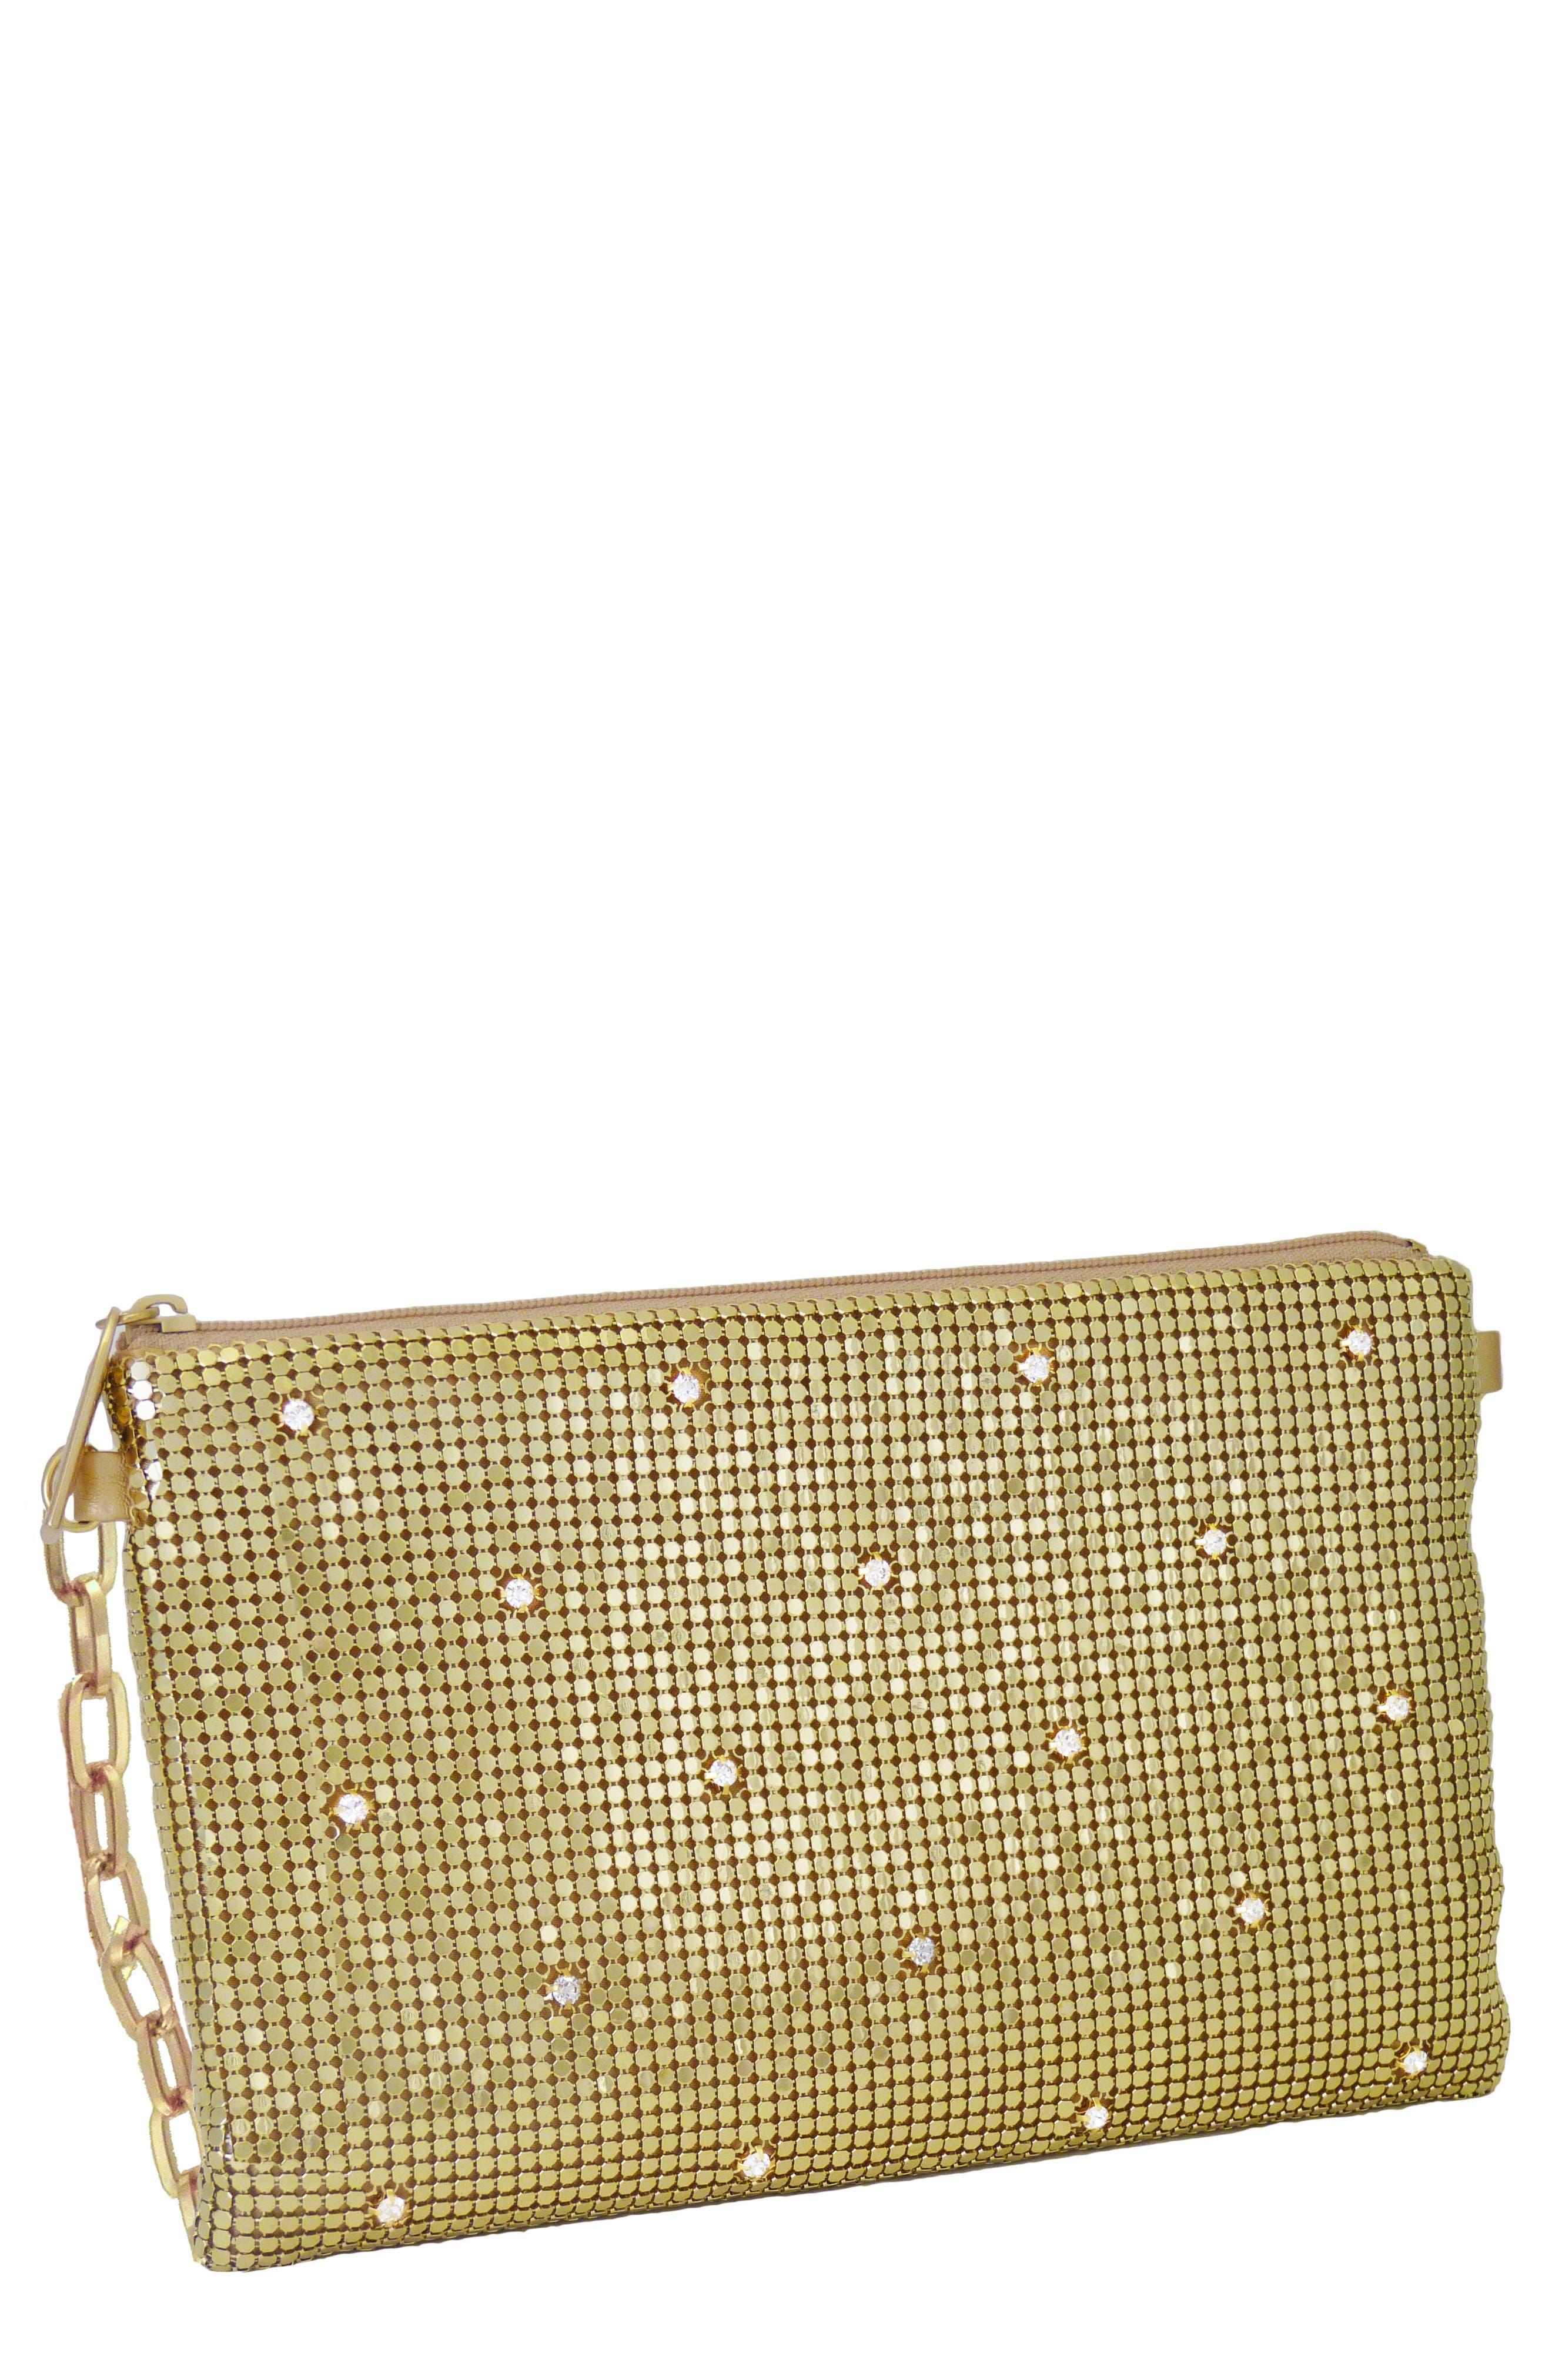 WHITING & DAVIS Crystal Belt Bag - Metallic in Gold